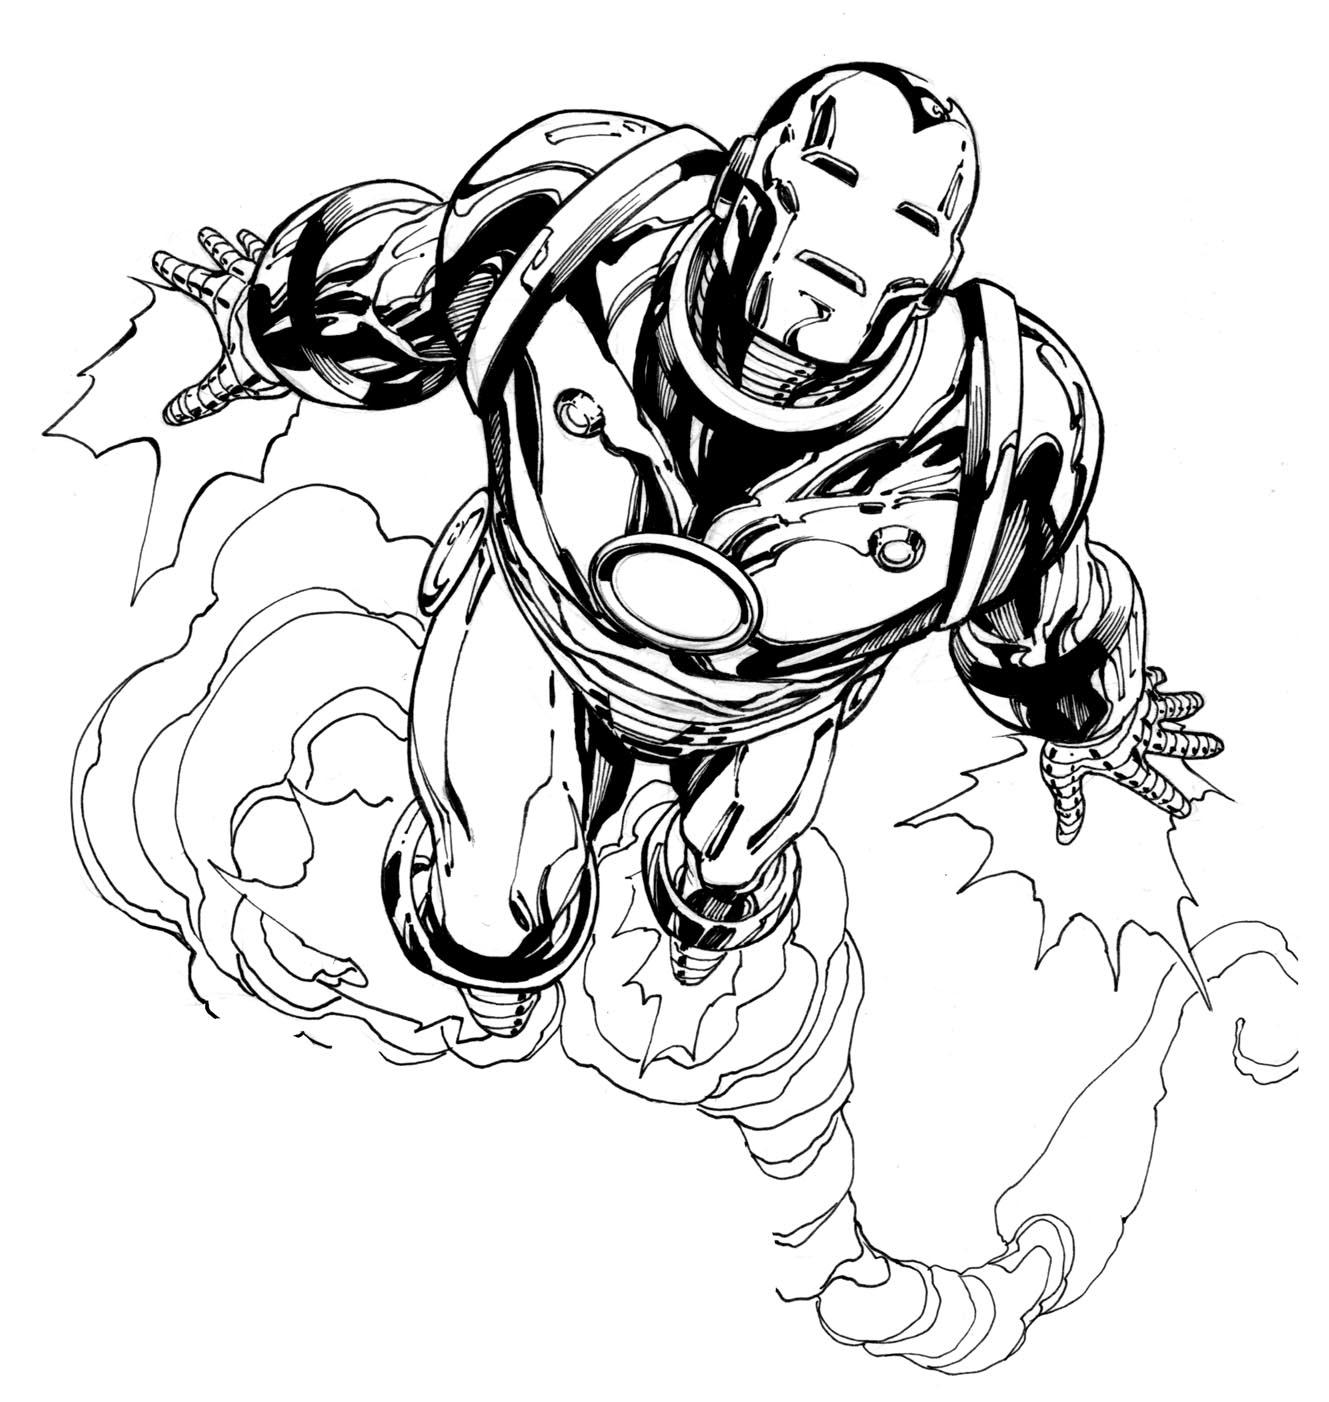 Coloriage de Iron man pour enfants - Coloriage Iron Man - Coloriages pour enfants